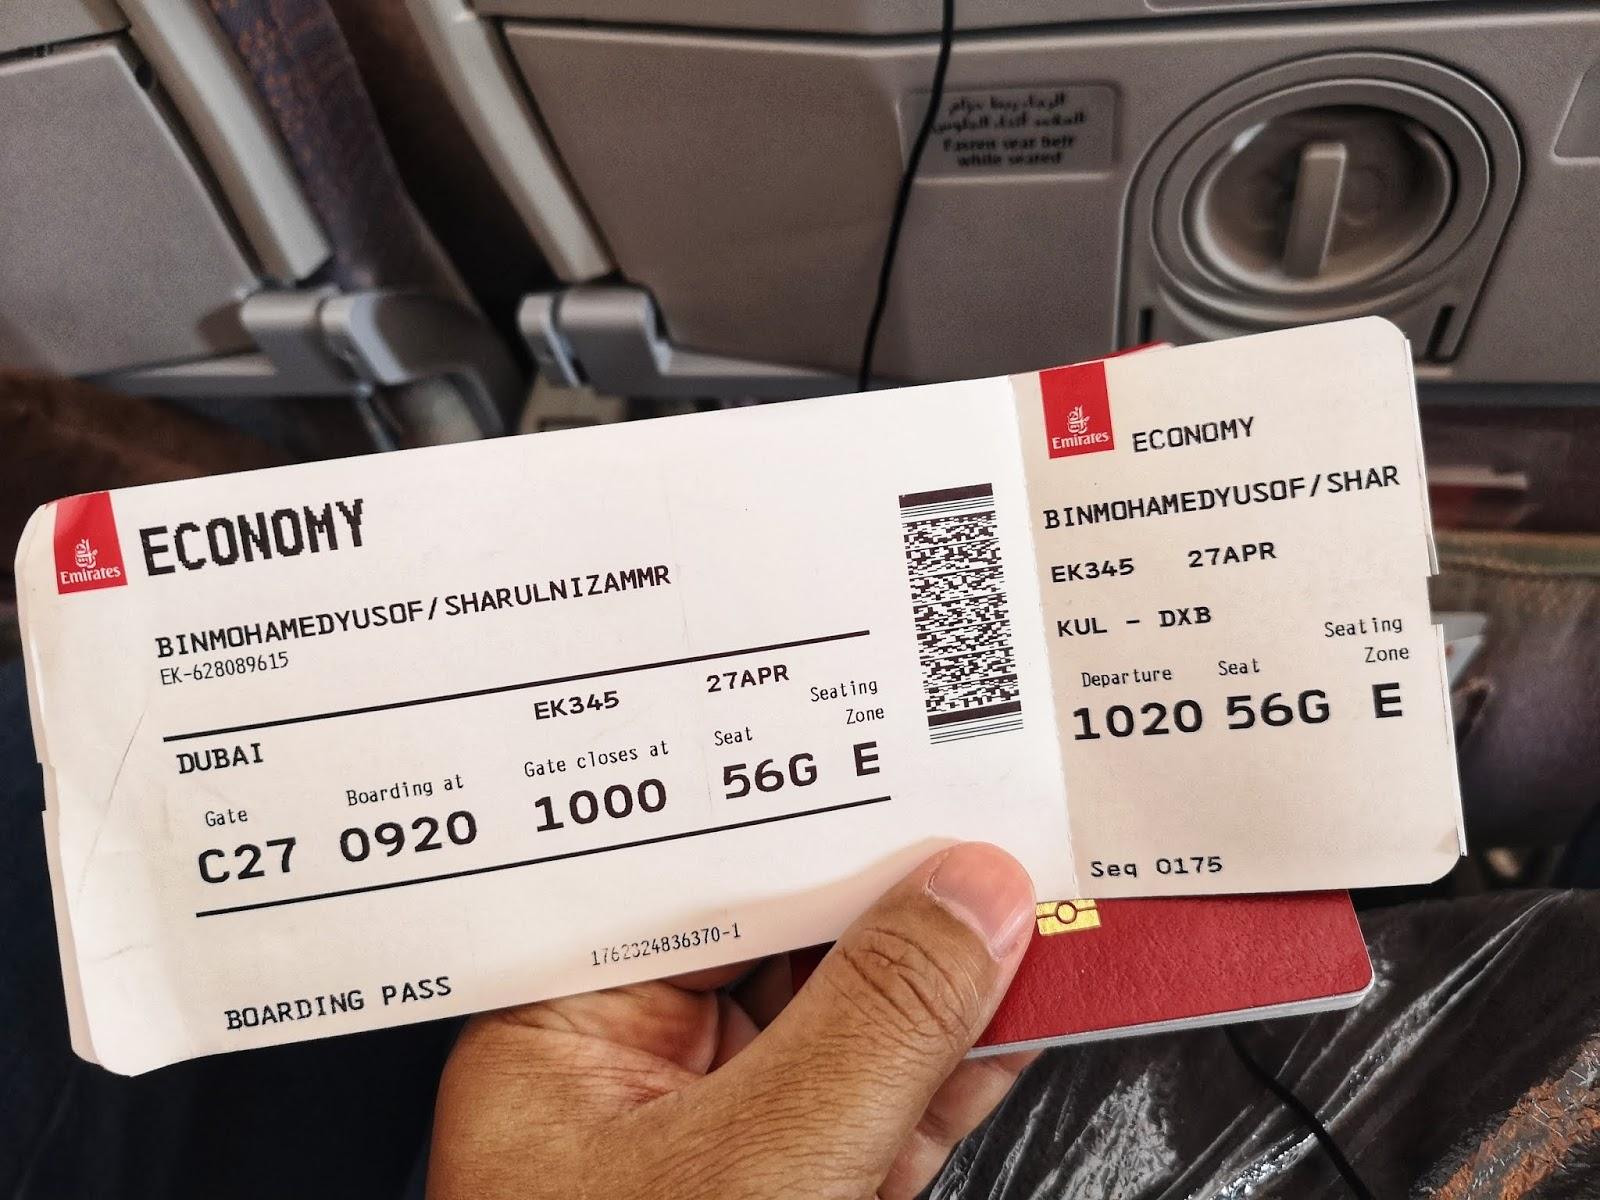 Tiket penerbangan Emirates ke Dubai dari KL